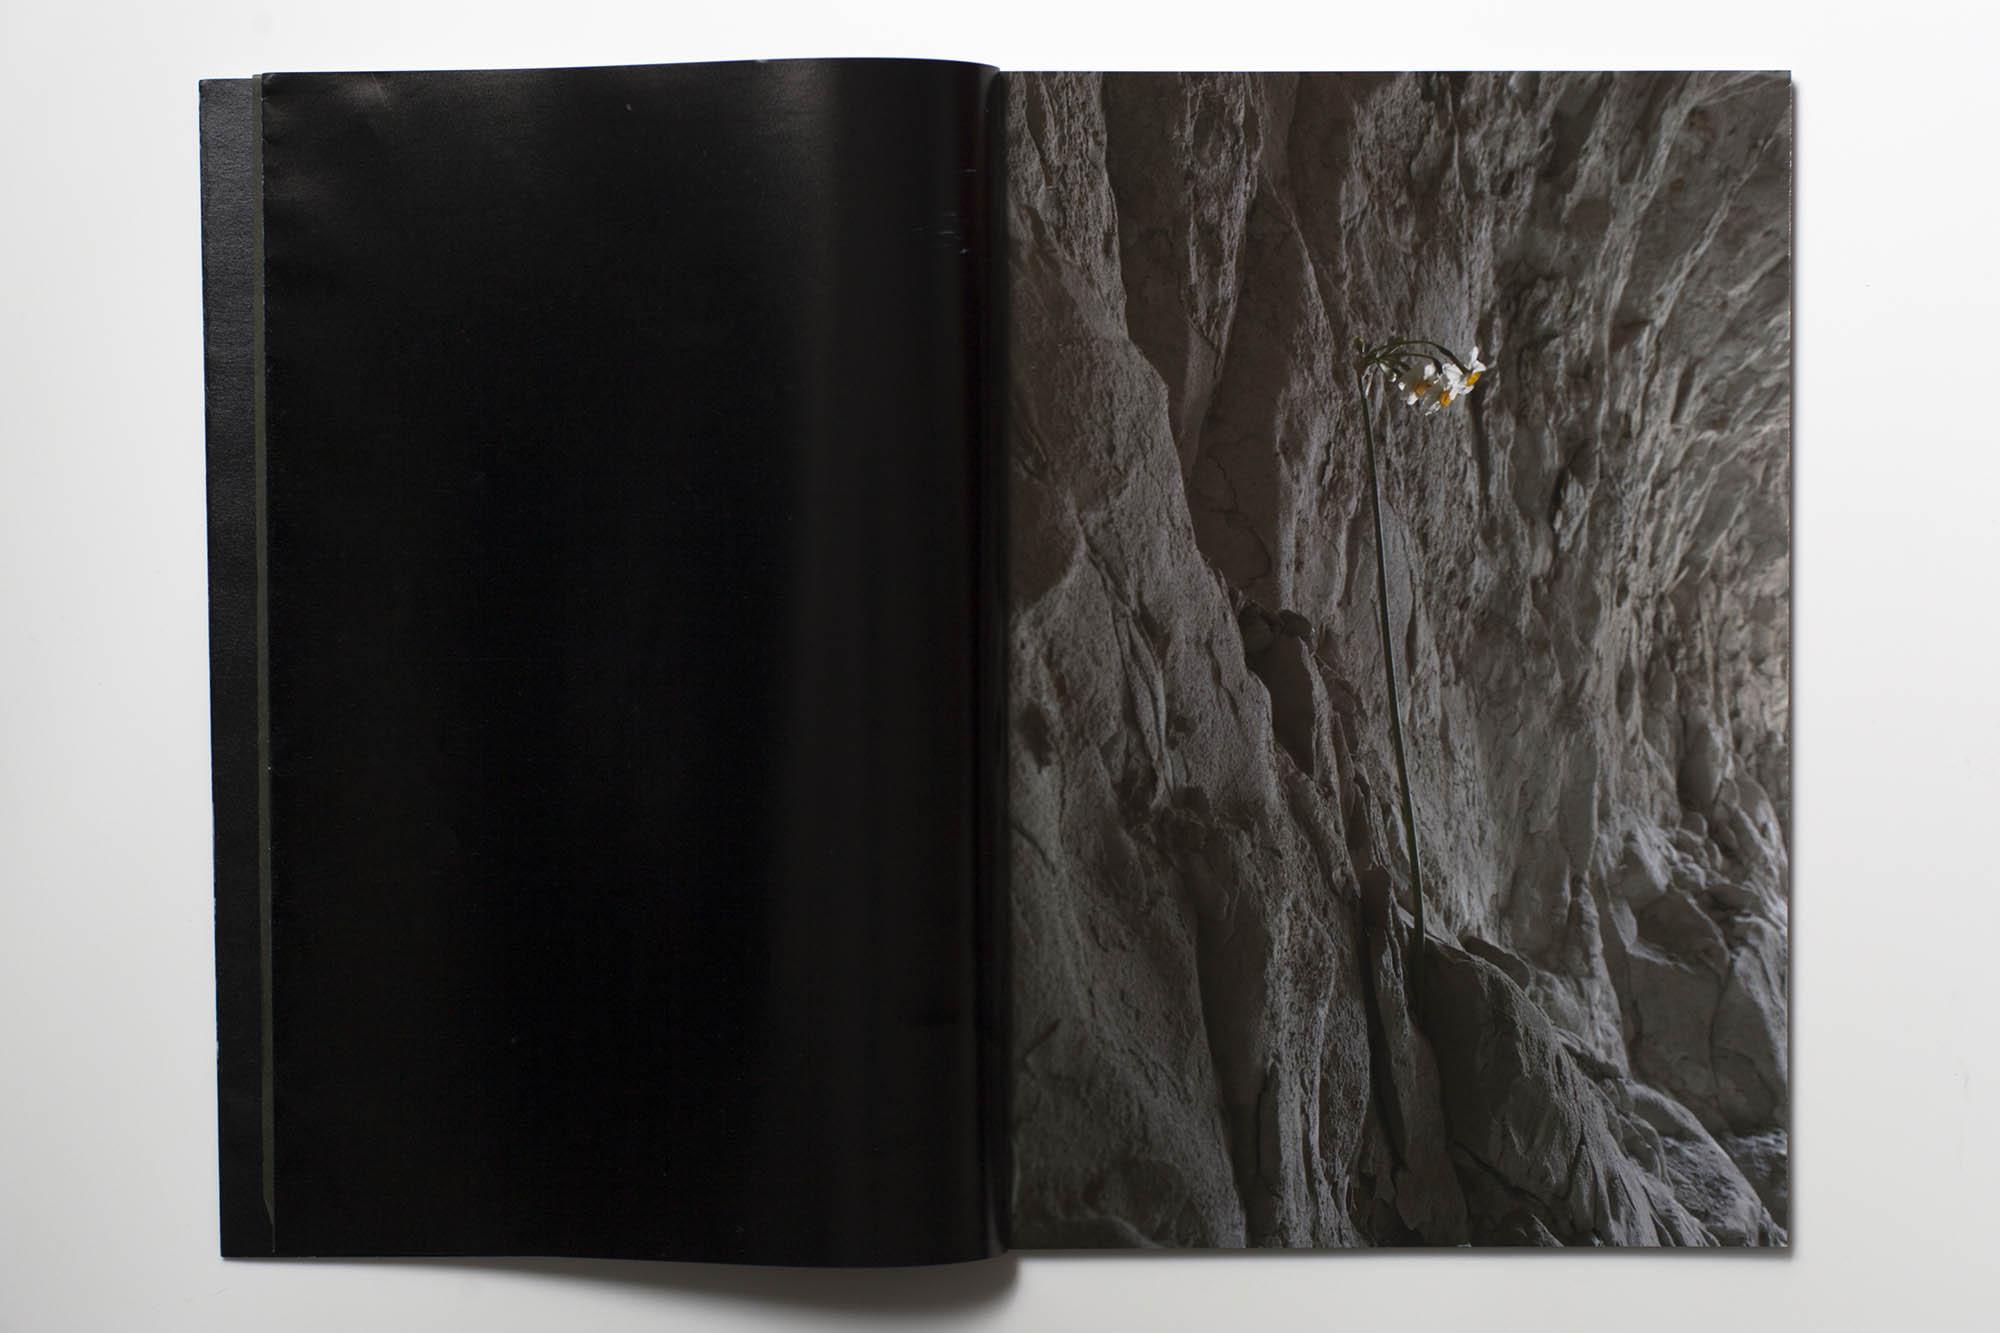 HANA 上野雄次 中里和人 作品集 装幀 デザイン 中面3